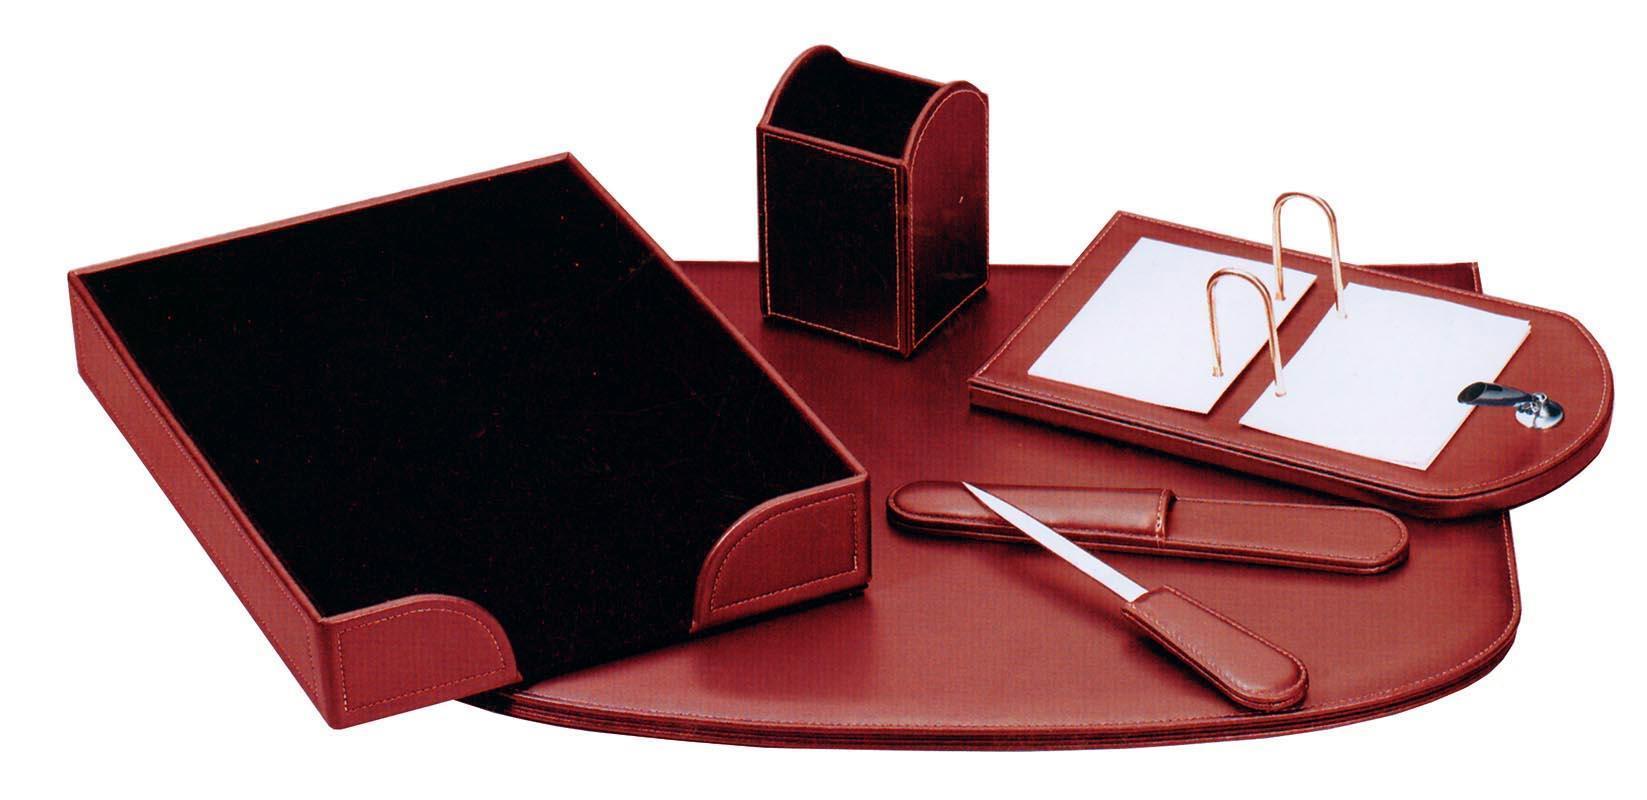 Fineline Fineline σετ γραφείου από συνθετ. δέρμα μπορντώ 5 τεμάχια 19108-04ΑΜ-2